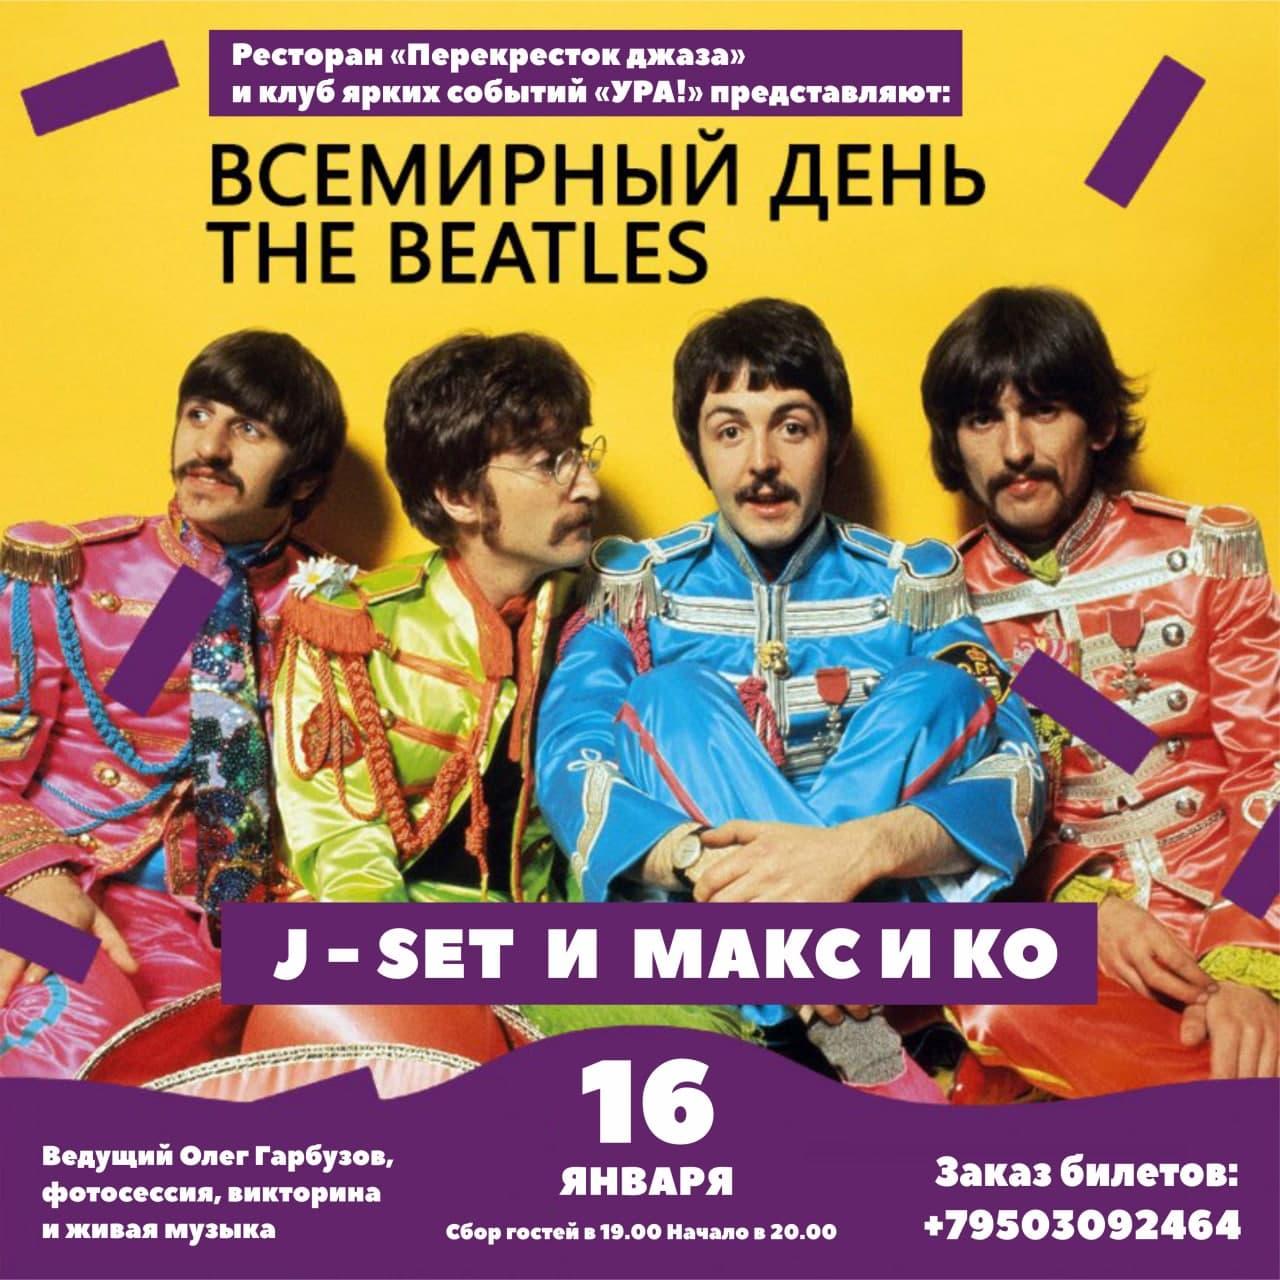 Афиша Казань День Beatles / 16 января / Перекресток джаза